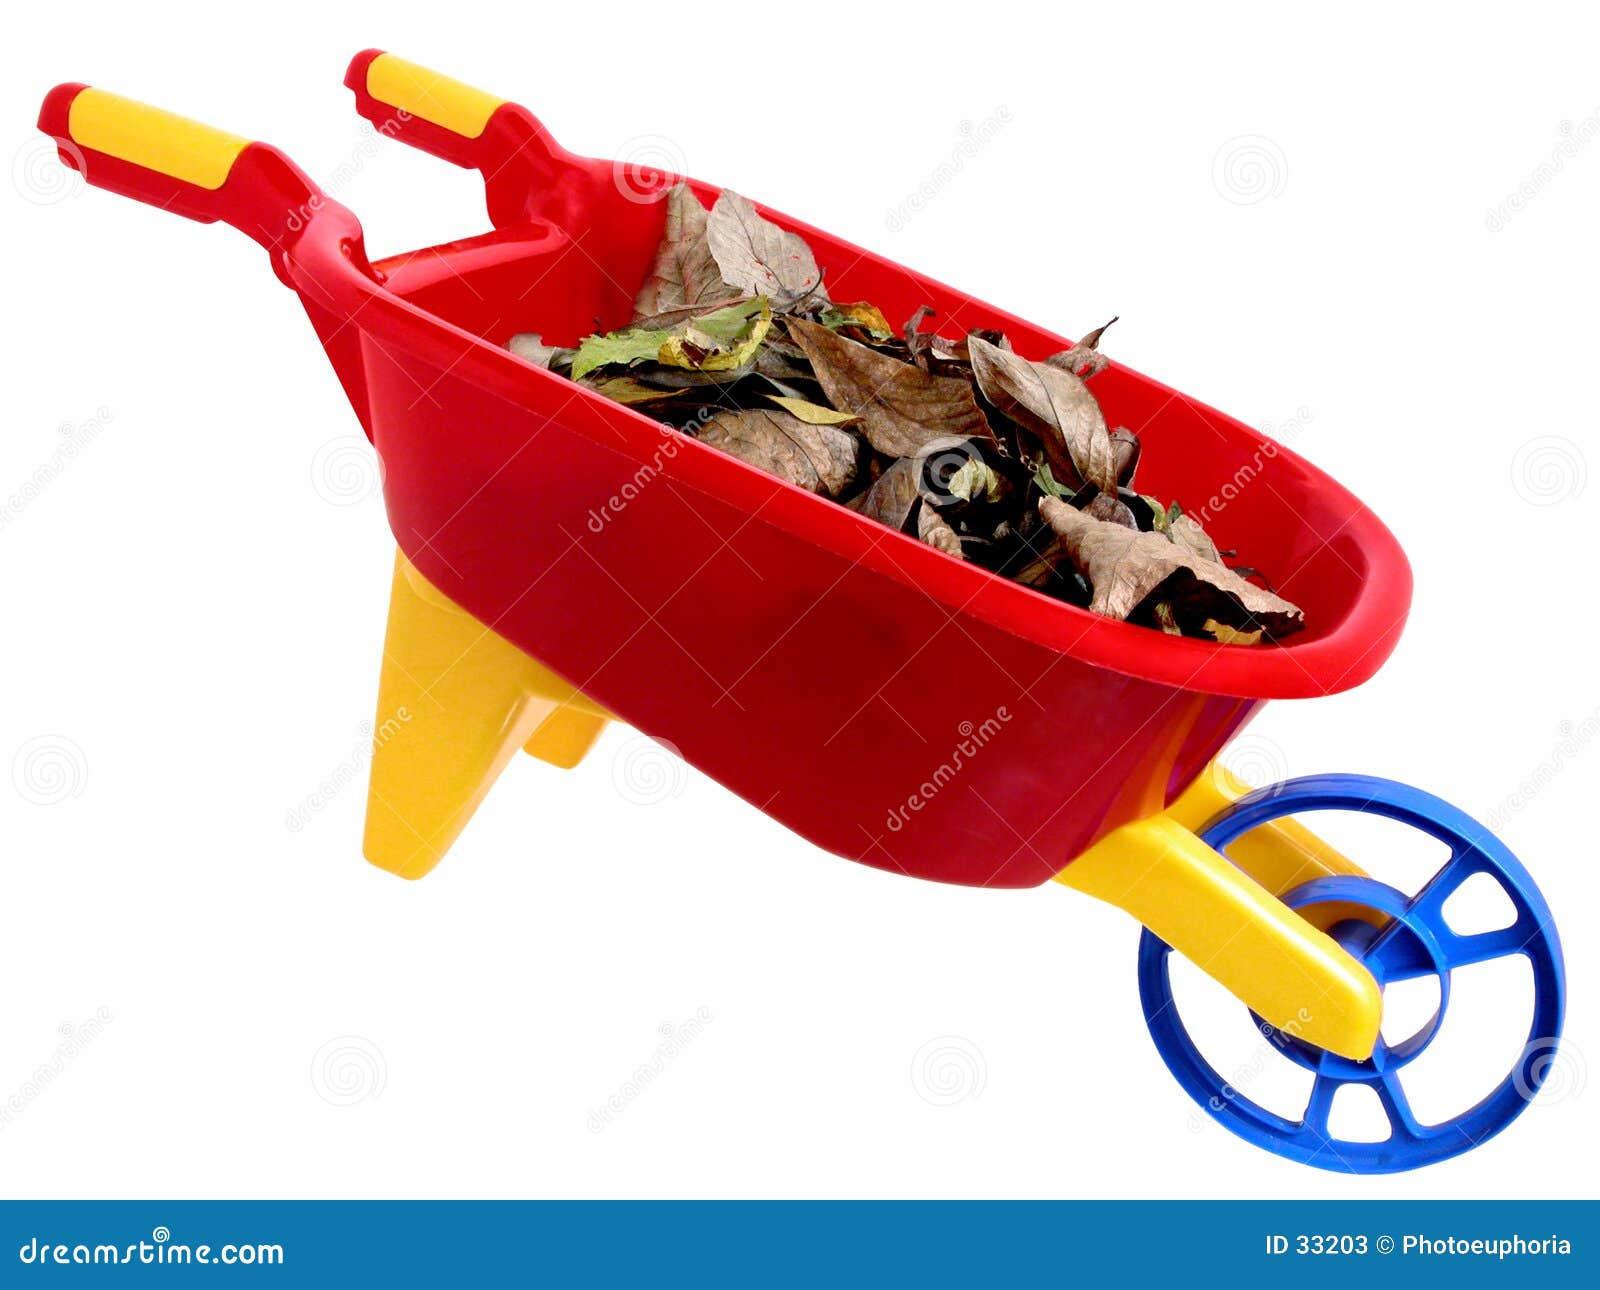 Juguetes: Wheelbarrel plástico y seca las hojas (2 de 2)